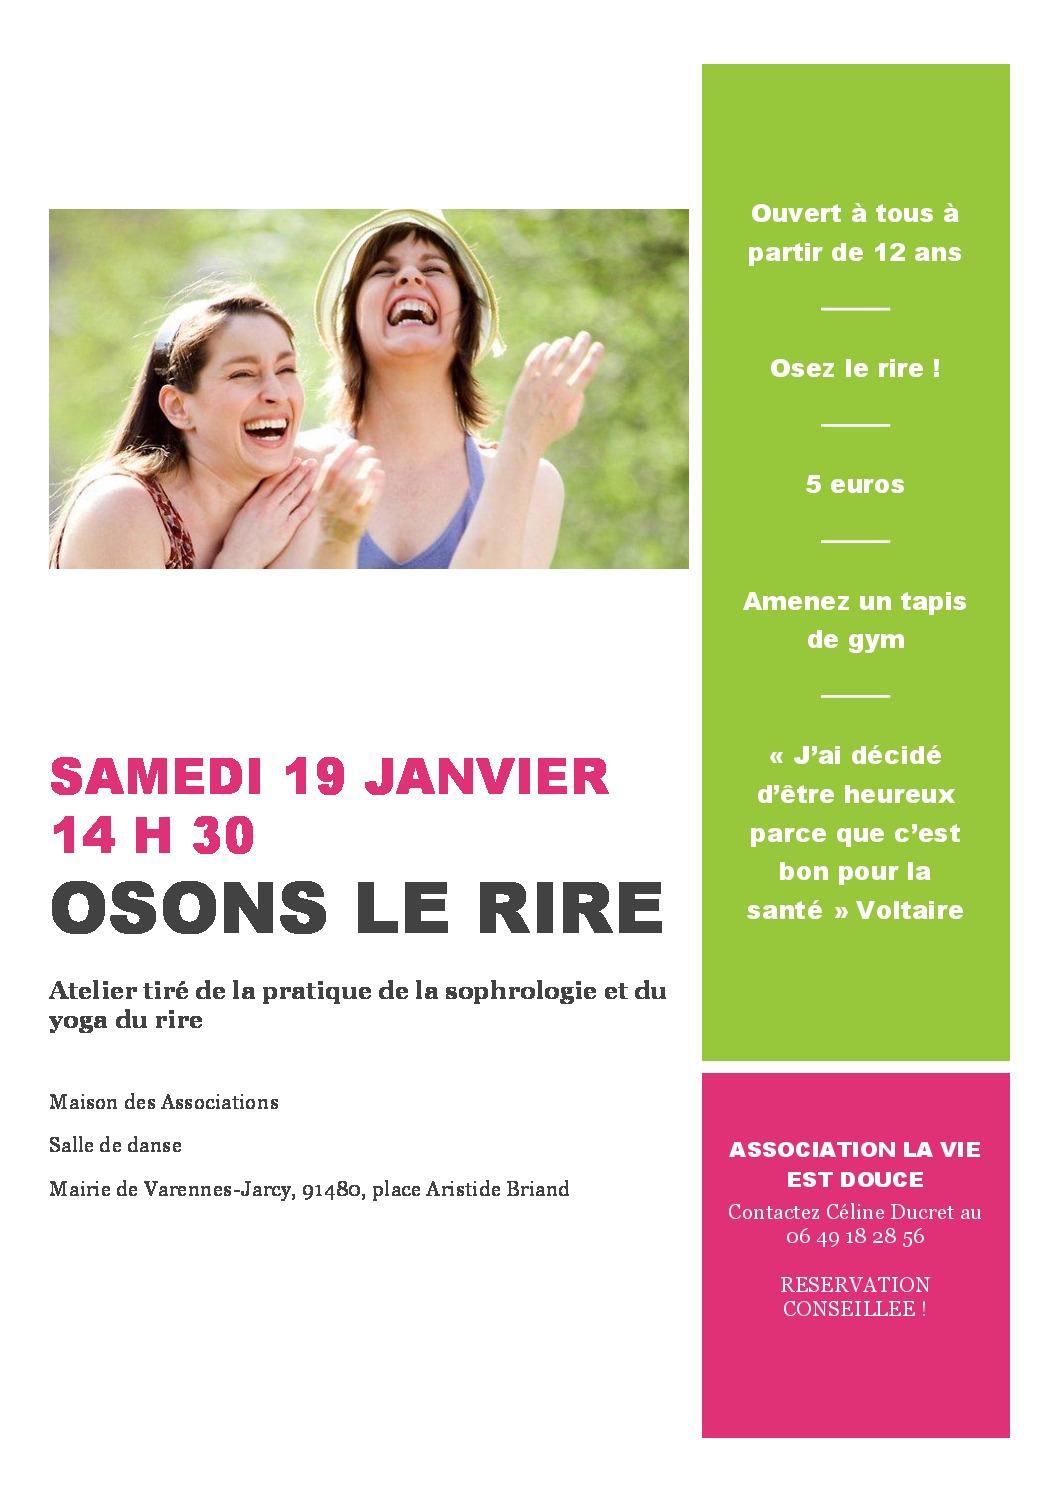 thumbnail of Affiche osons le rire